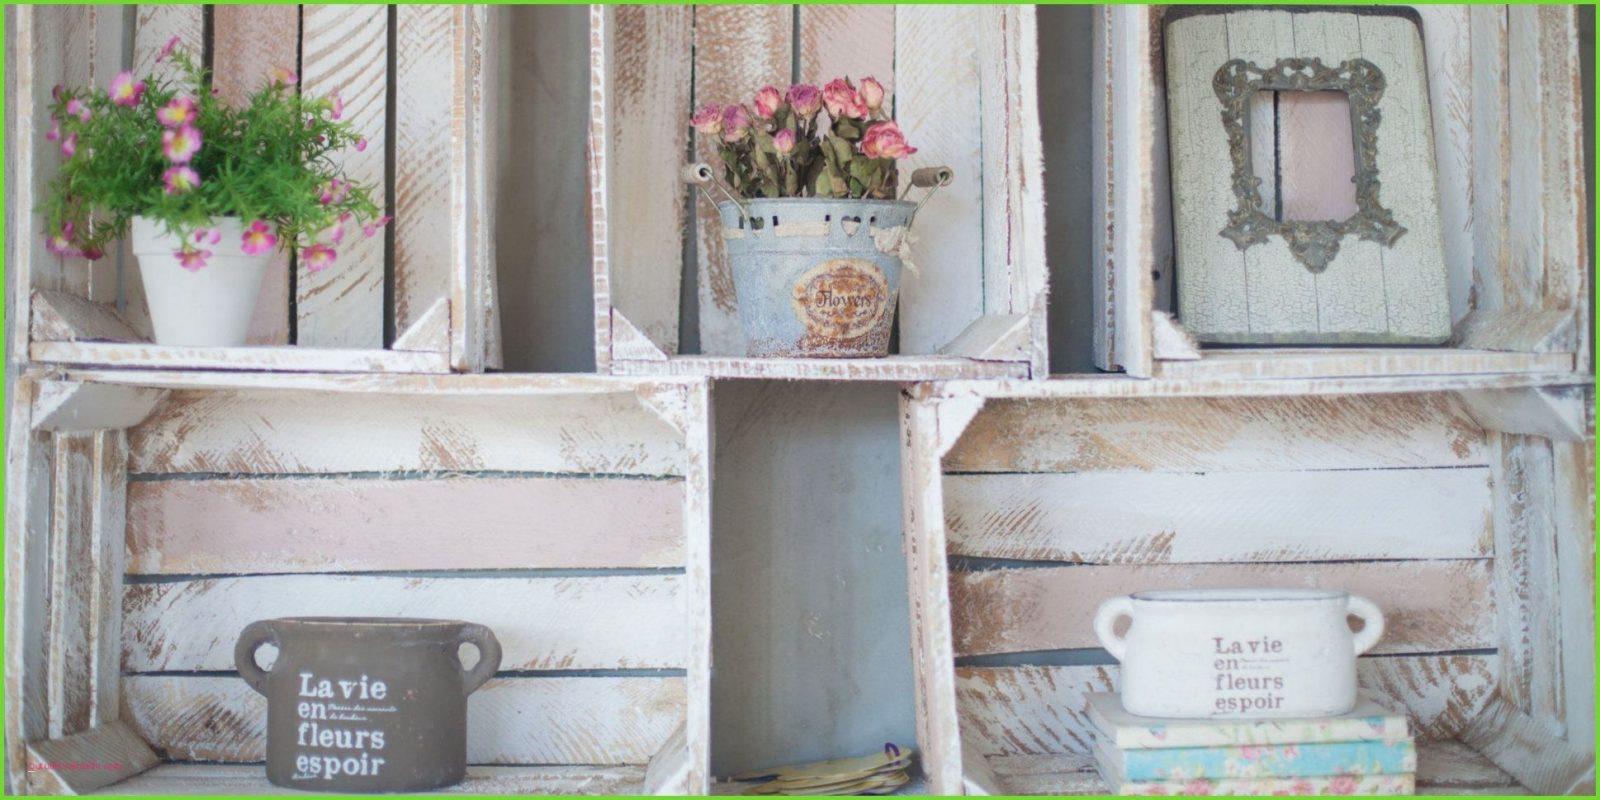 Garten Deko Ideen Selbermachen Best Of Deko Für Garten Selber Machen von Shabby Chic Deko Ideen Selbermachen Photo